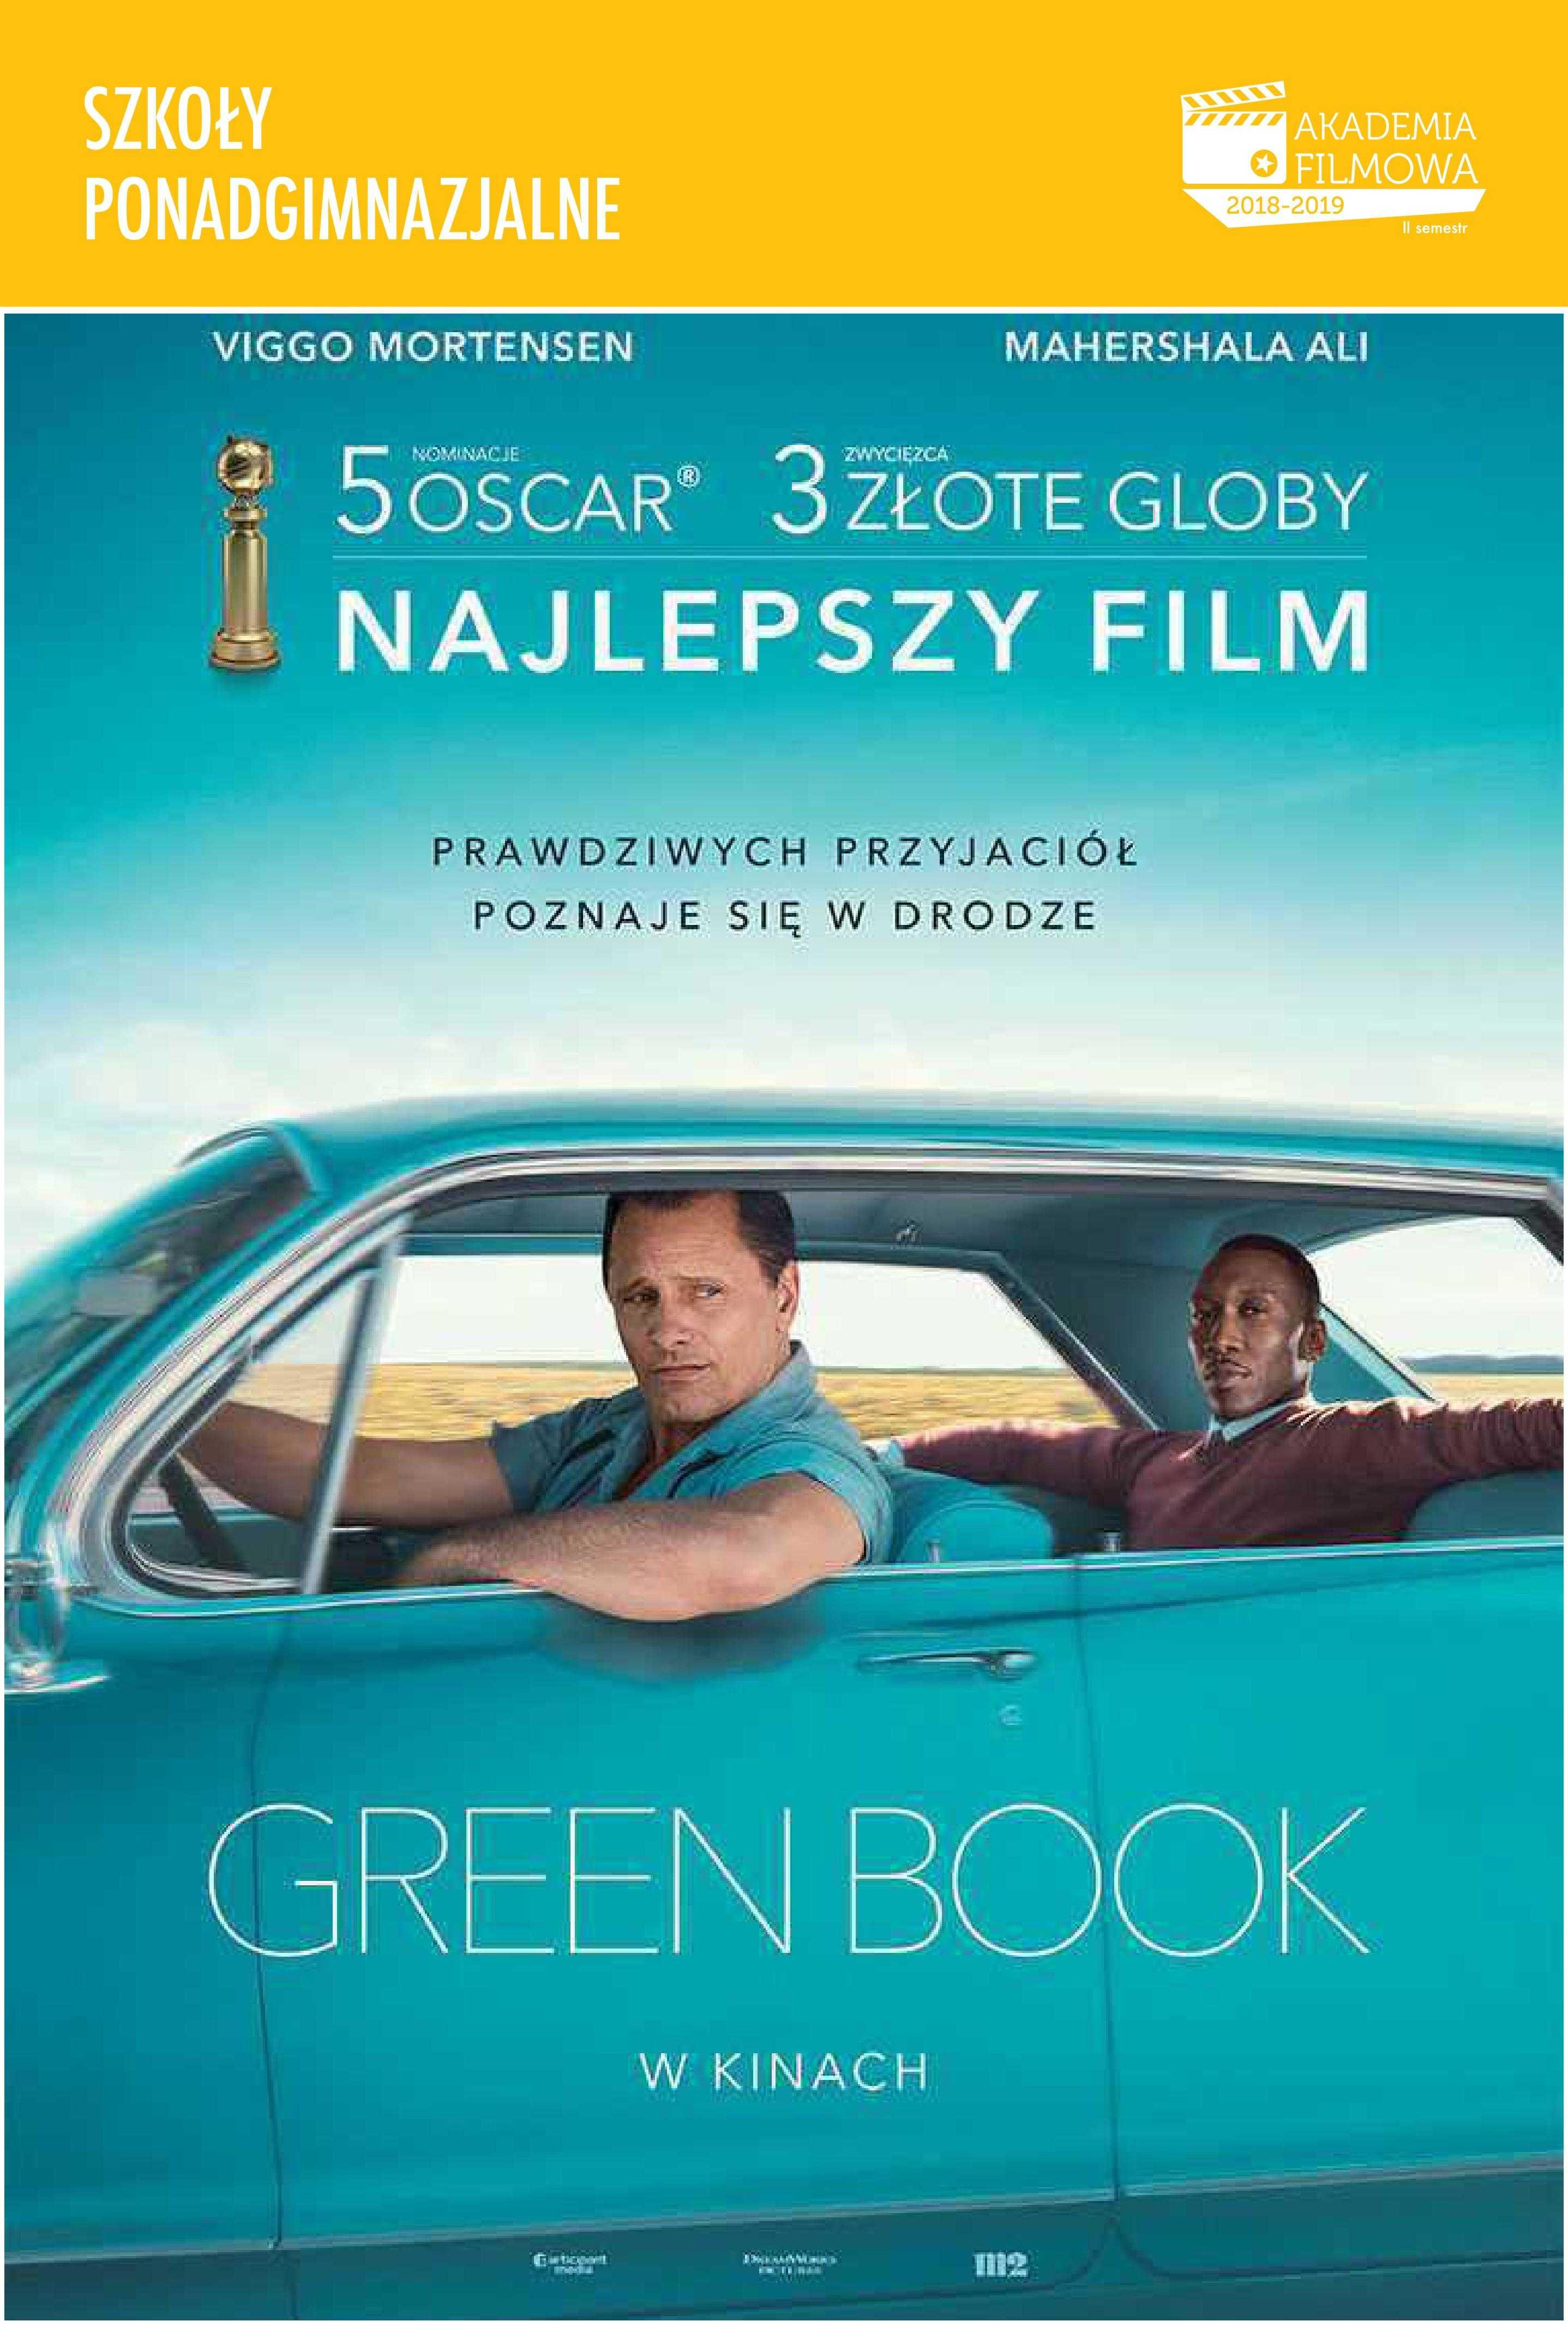 AFM/GREEN BOOK